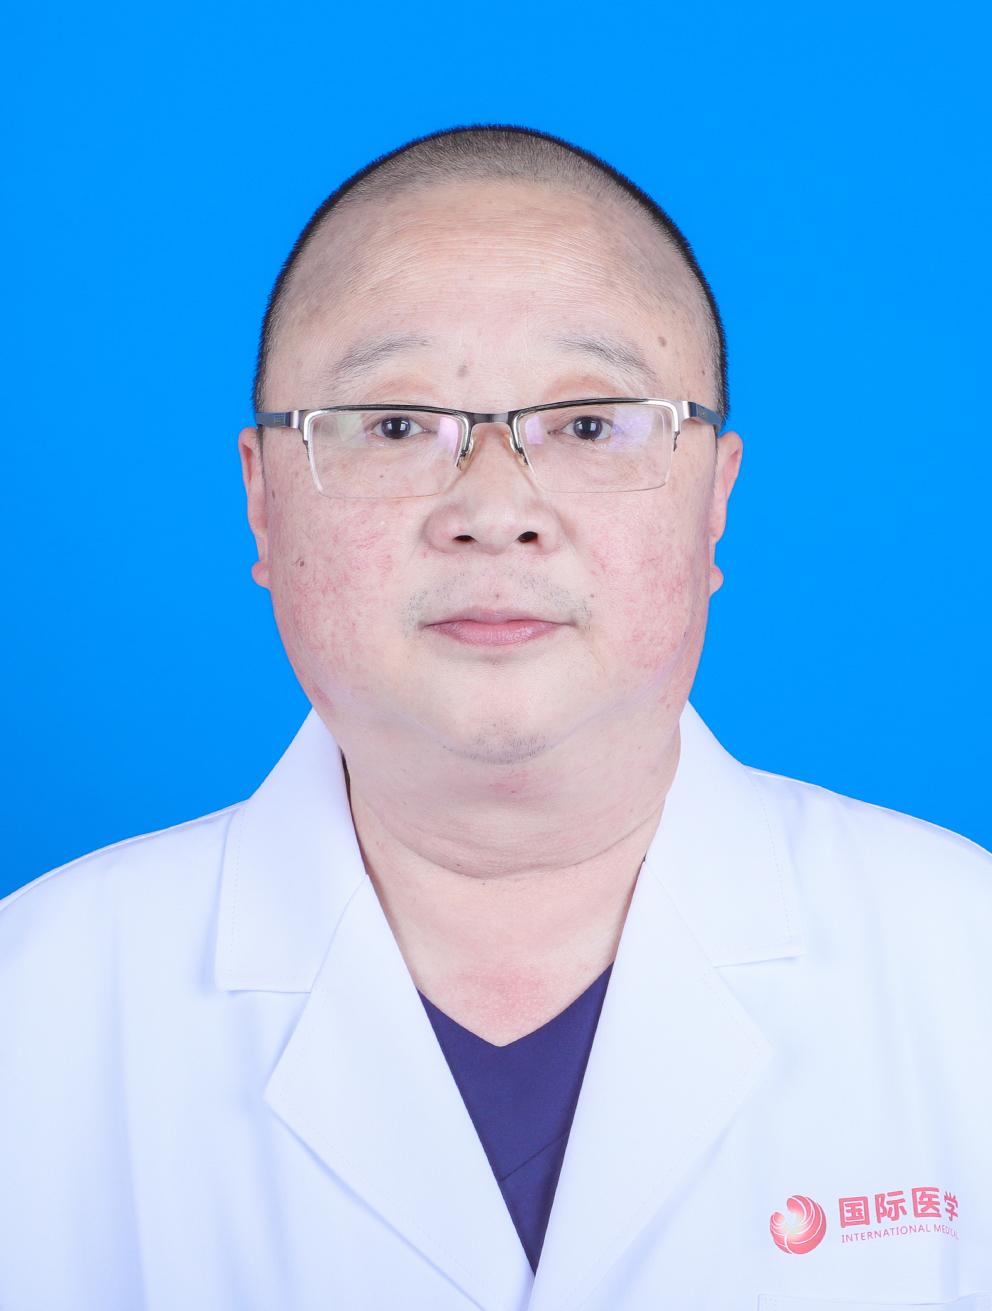 消化科 陈继龙 副主任医师.jpg